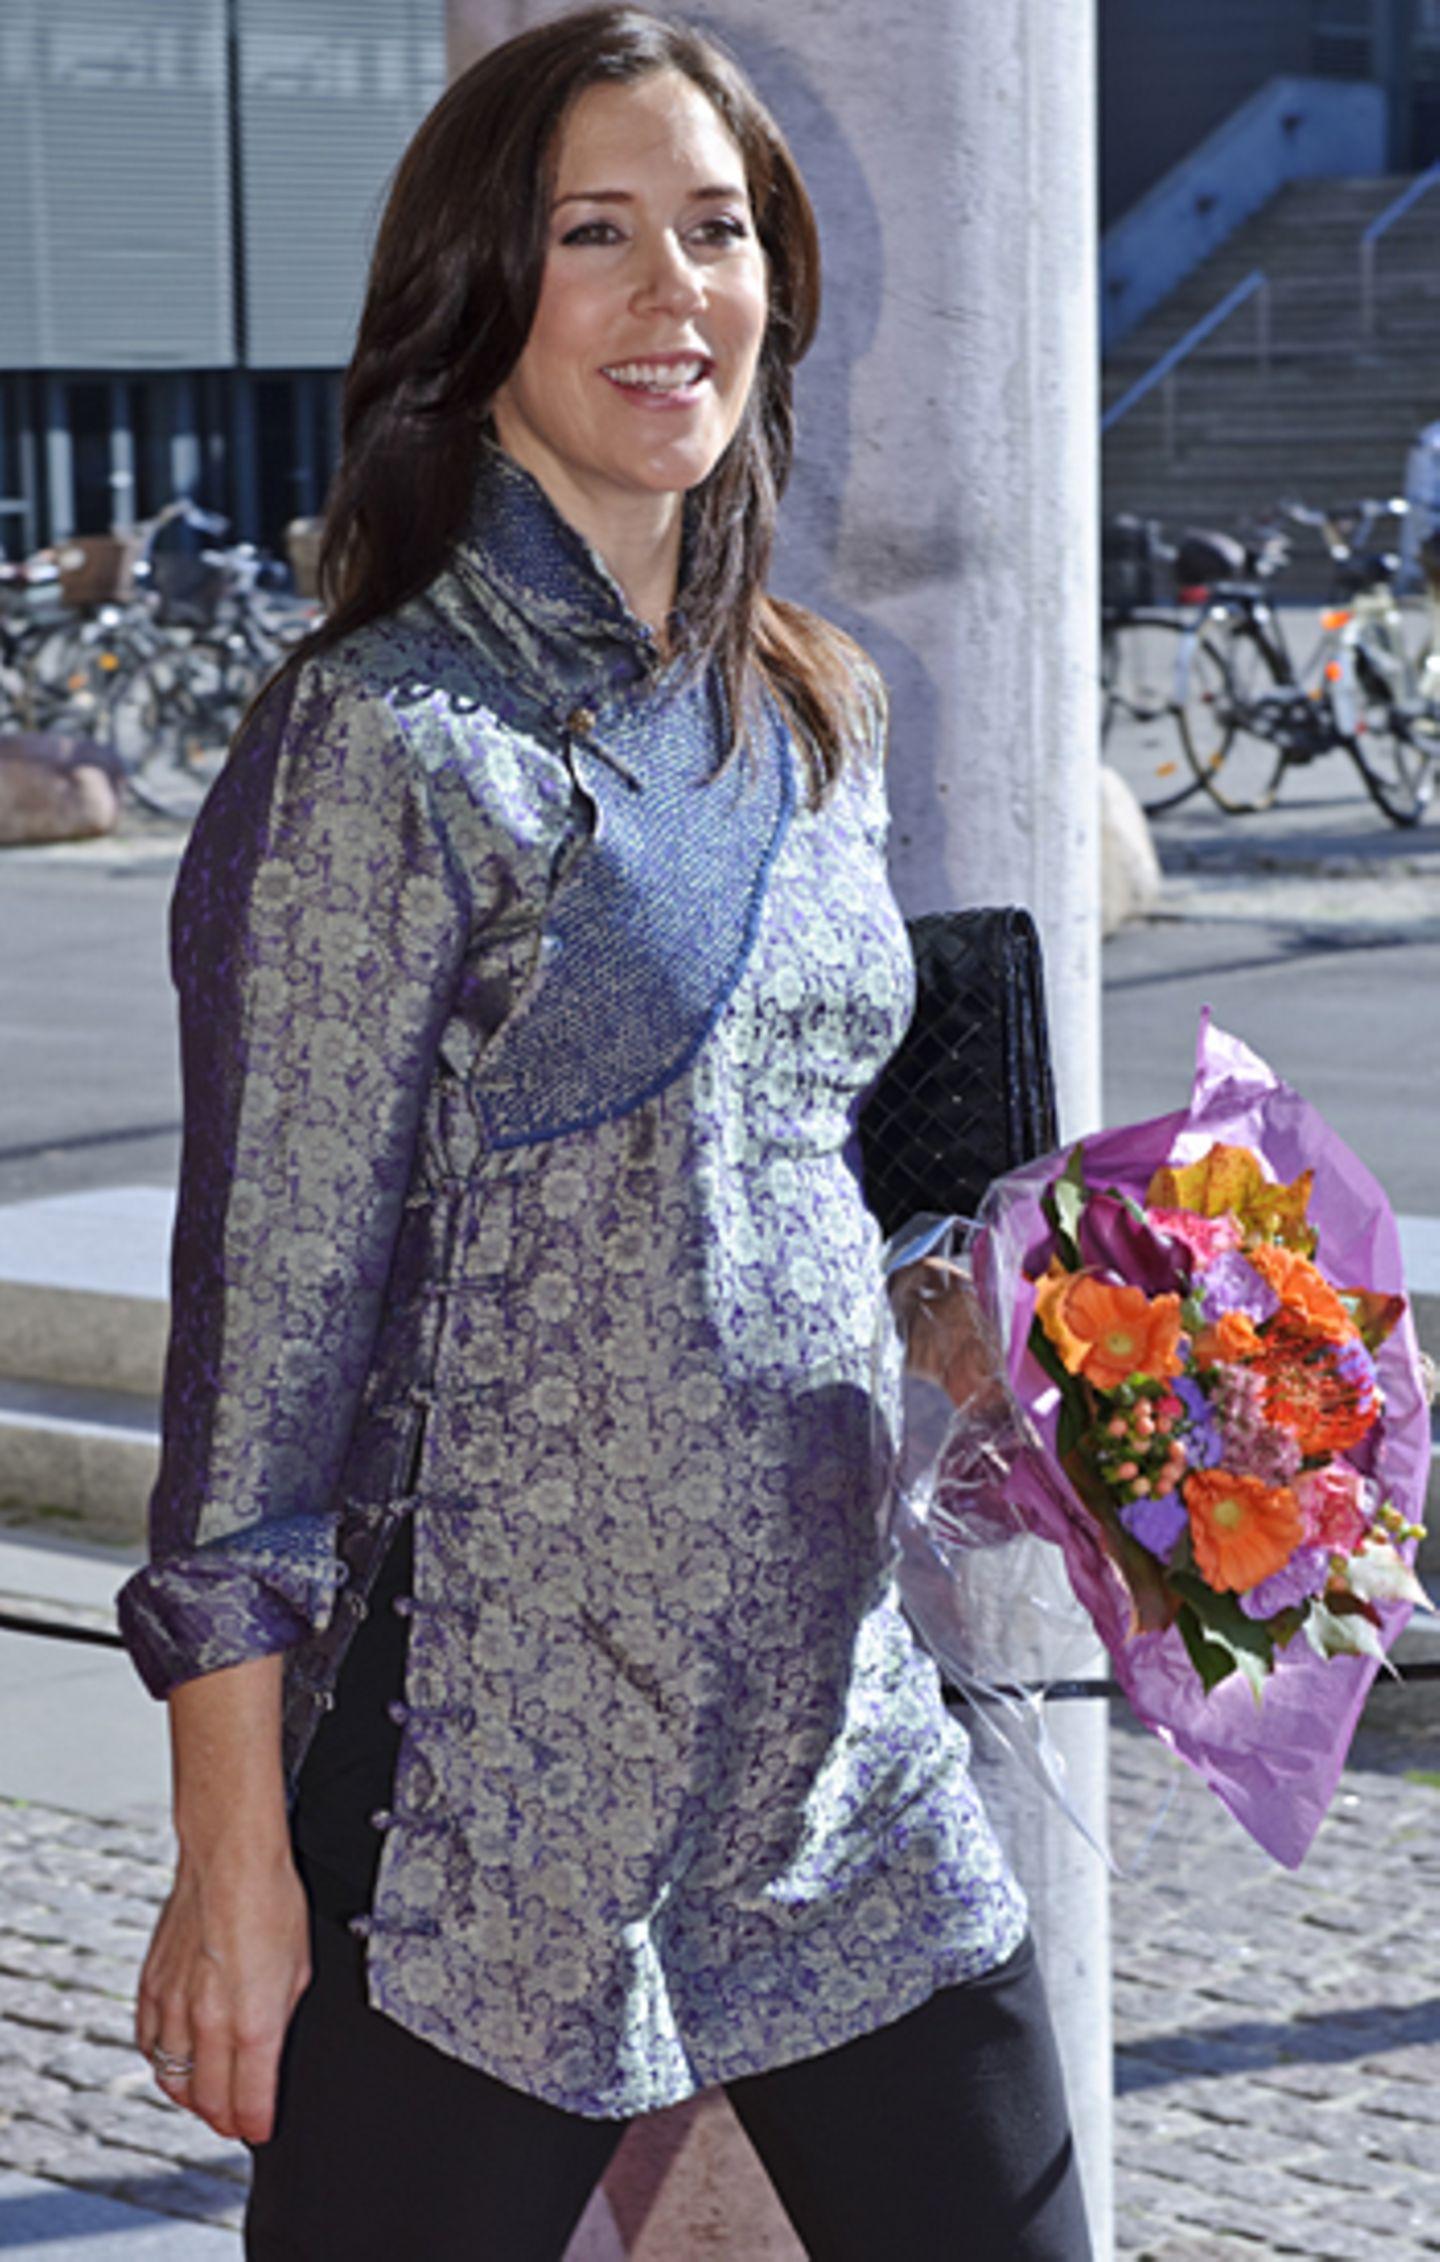 30. September 2010: Die untersten Knöpfe der Bluse müssen mittlerweile schon geöffnet werden, damit der zwillingsbauch Platz dar